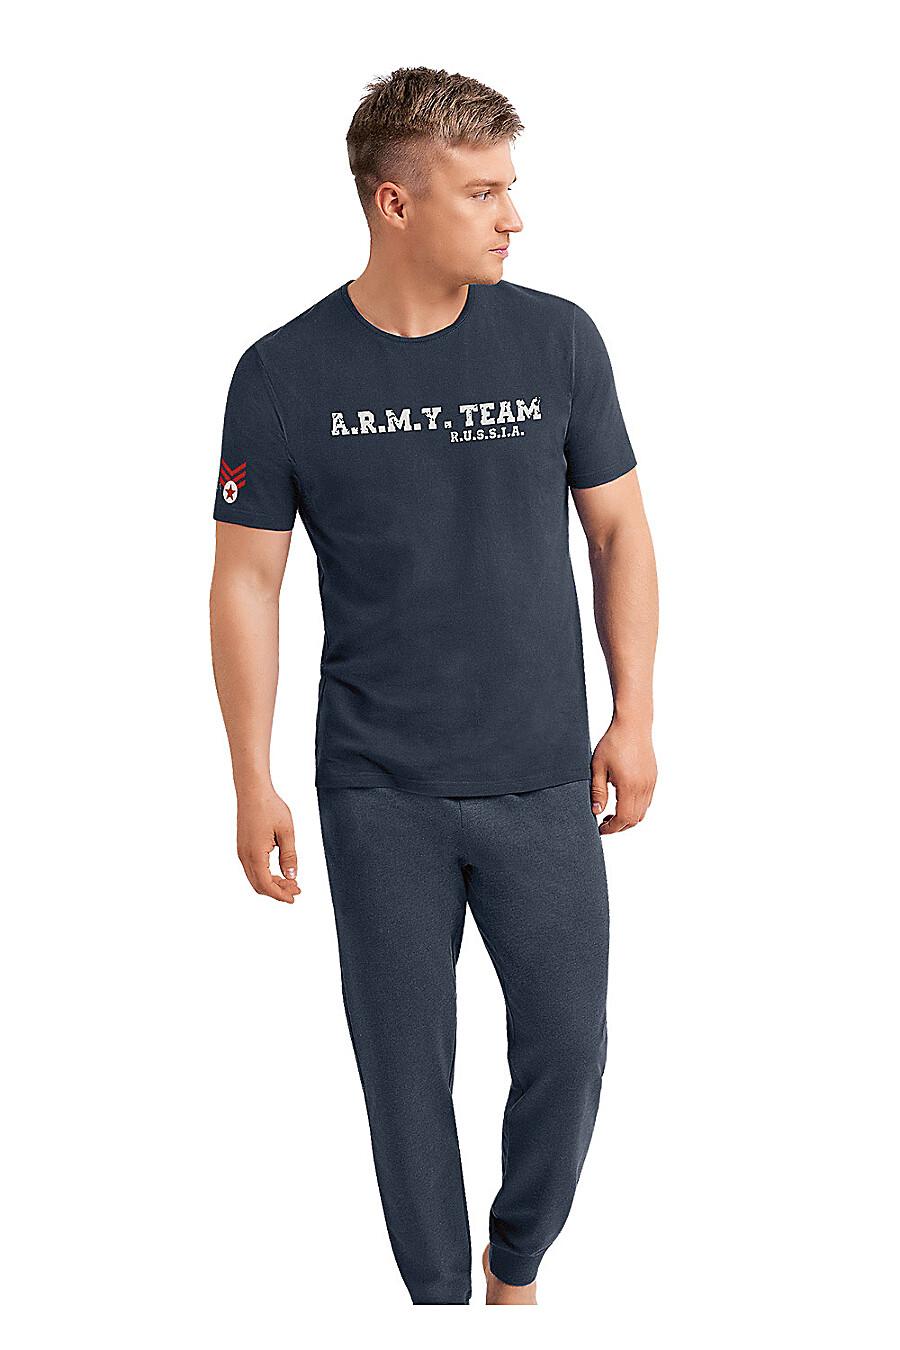 Комплект для мужчин CLEVER 155421 купить оптом от производителя. Совместная покупка мужской одежды в OptMoyo